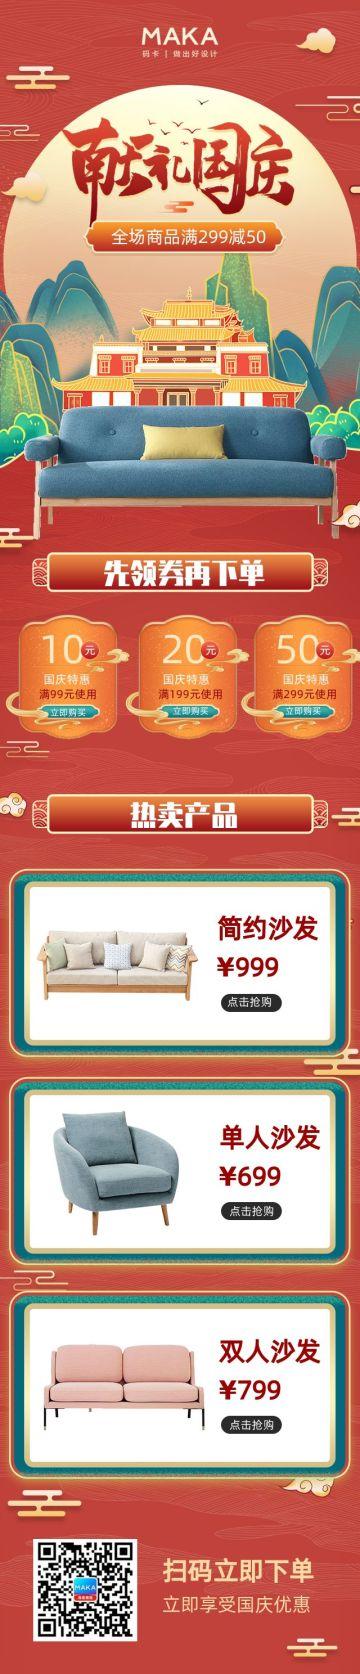 中国风十一国庆节家具家居促销长图h5